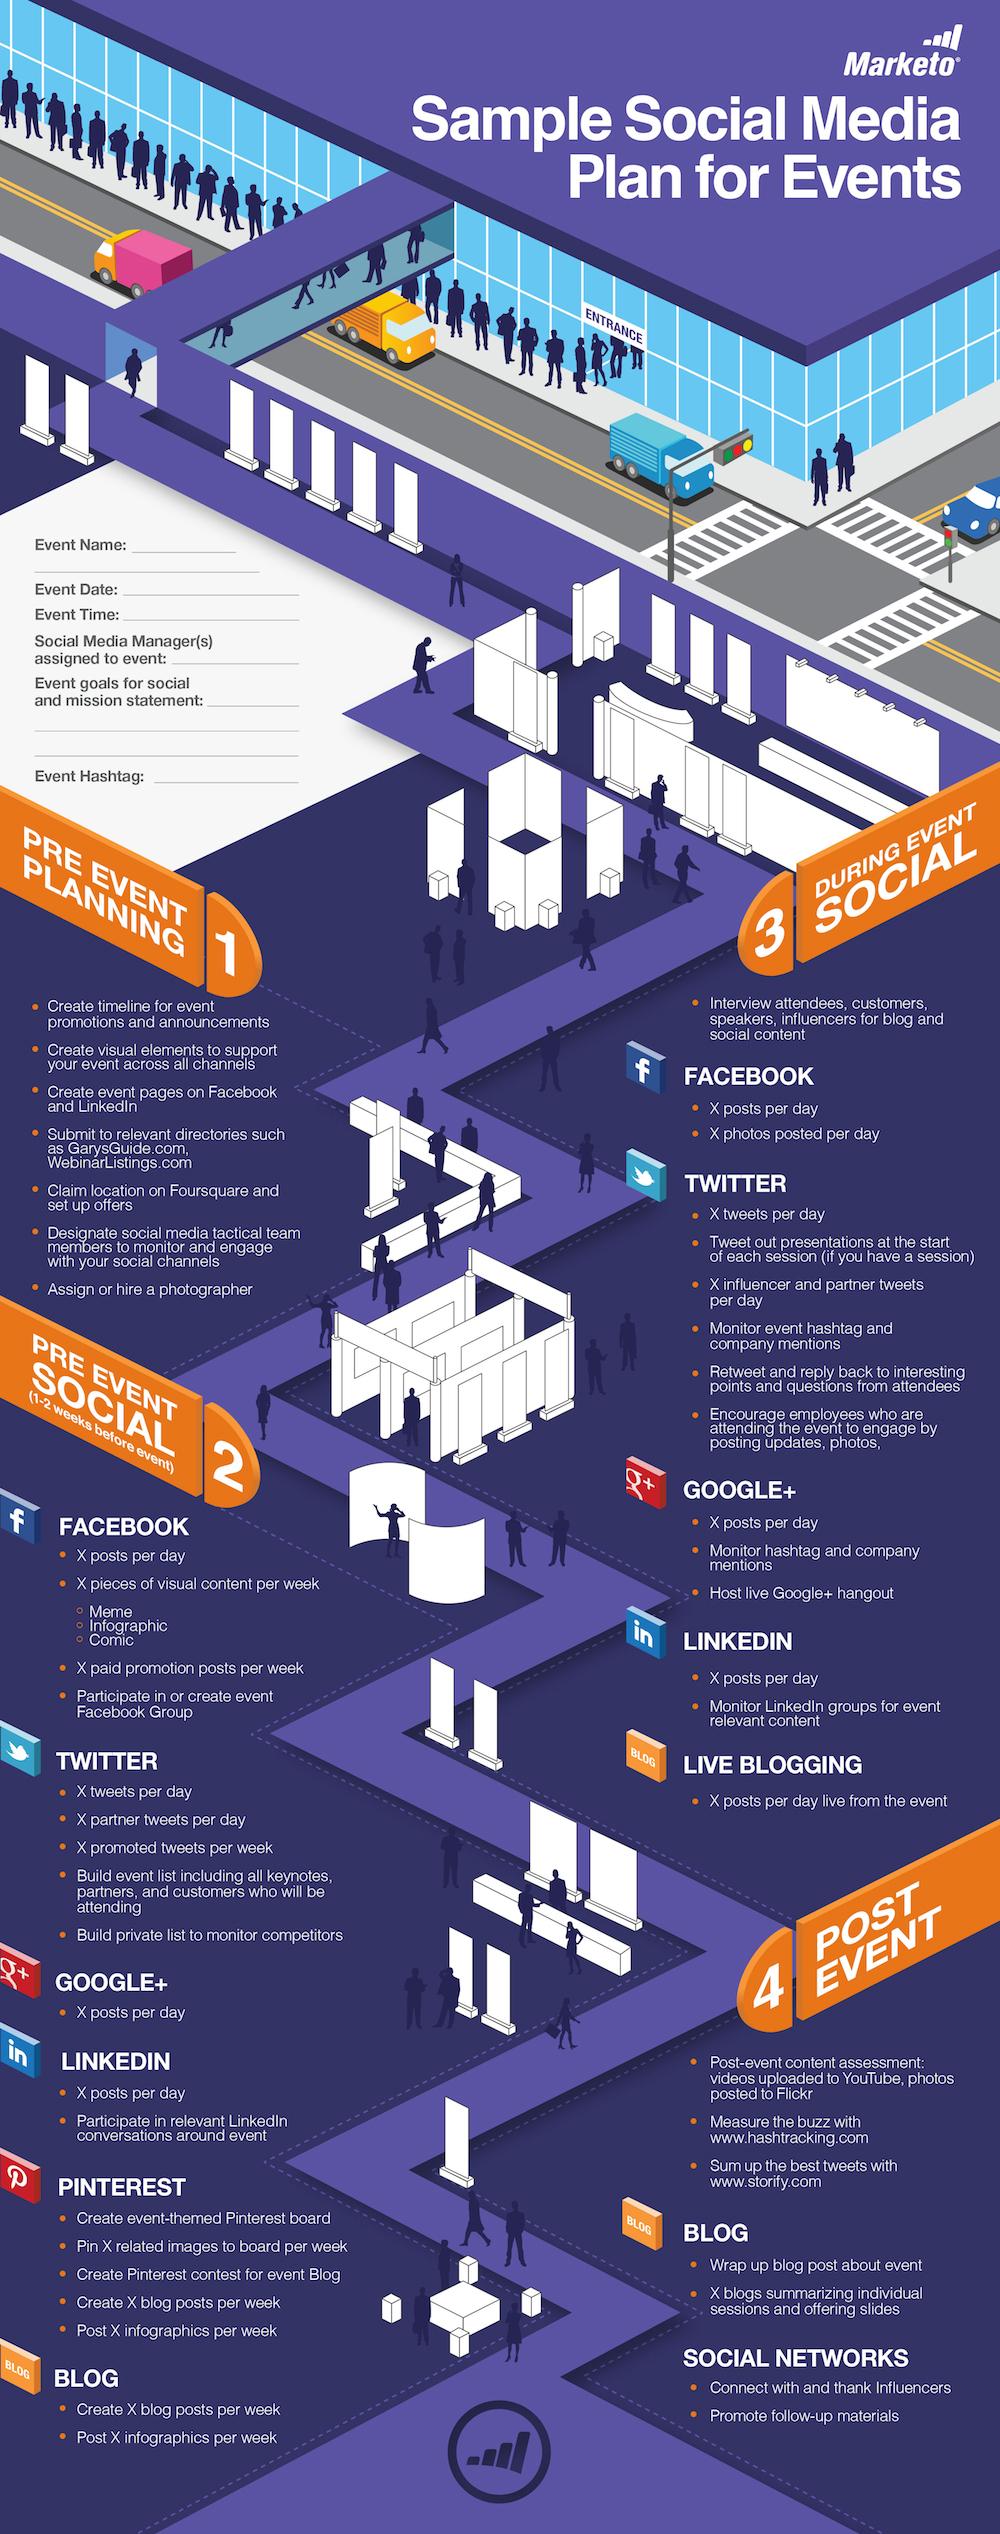 Etkinlikler İçin Örnek Sosyal Medya Planı